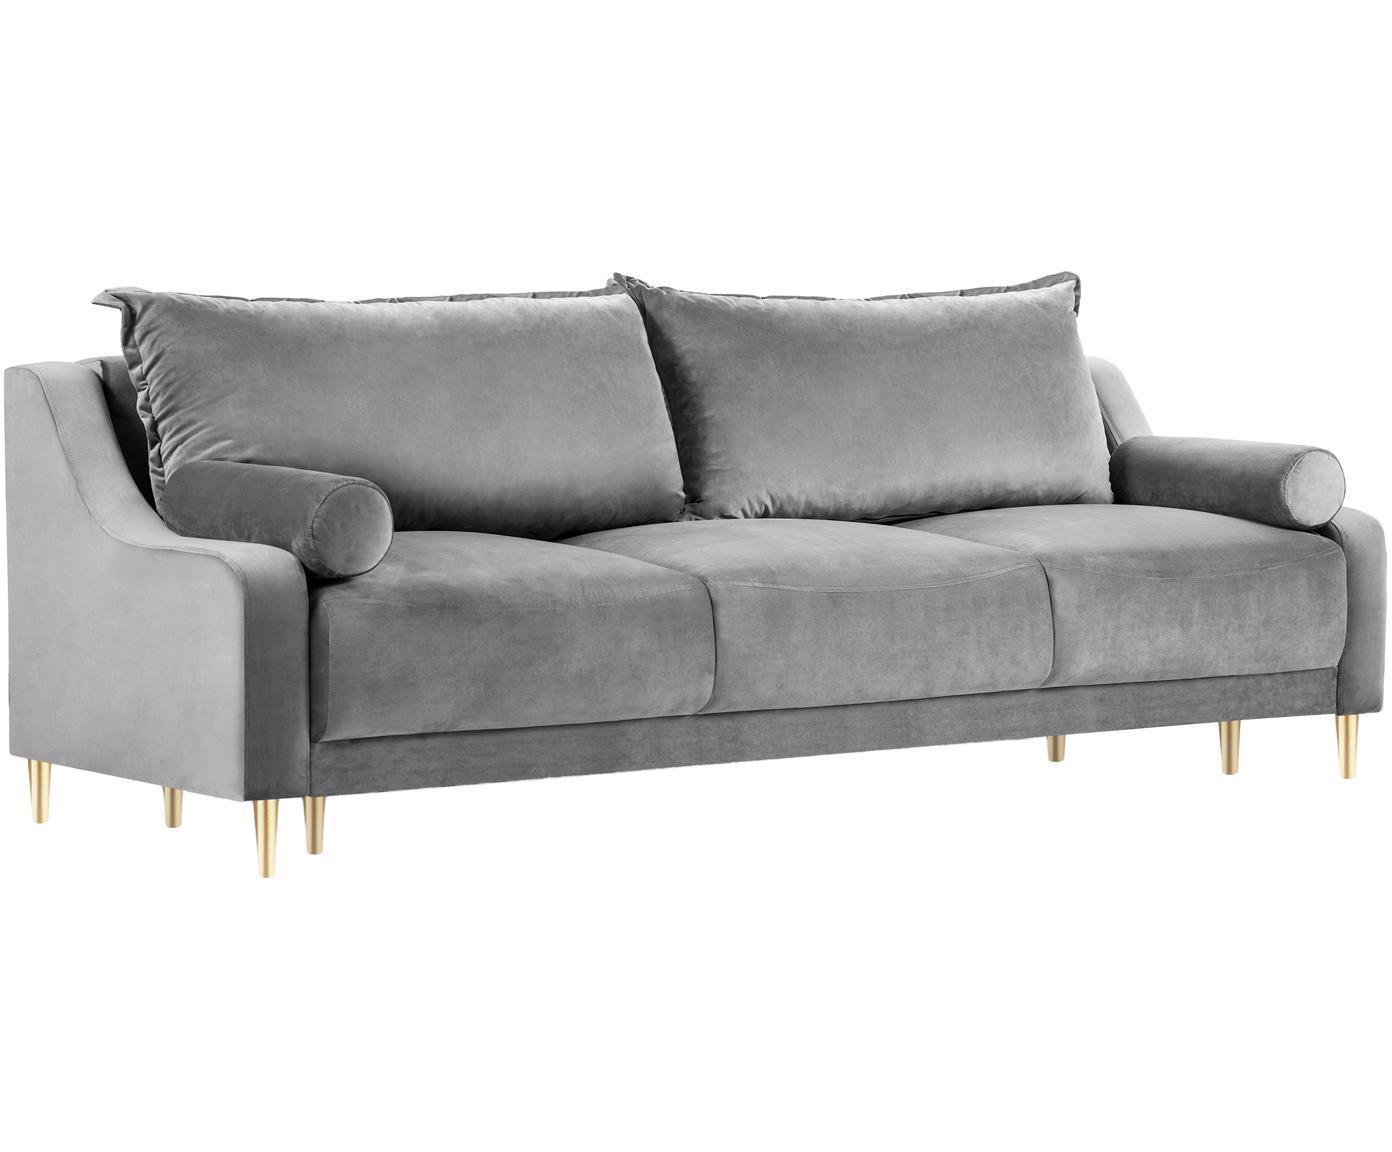 Sofa rozkładana z aksamitu Lea (3-osobowa), Tapicerka: aksamit poliestrowy, Nogi: metal malowany proszkowo, Szary, matowy, S 215 x G 94 cm